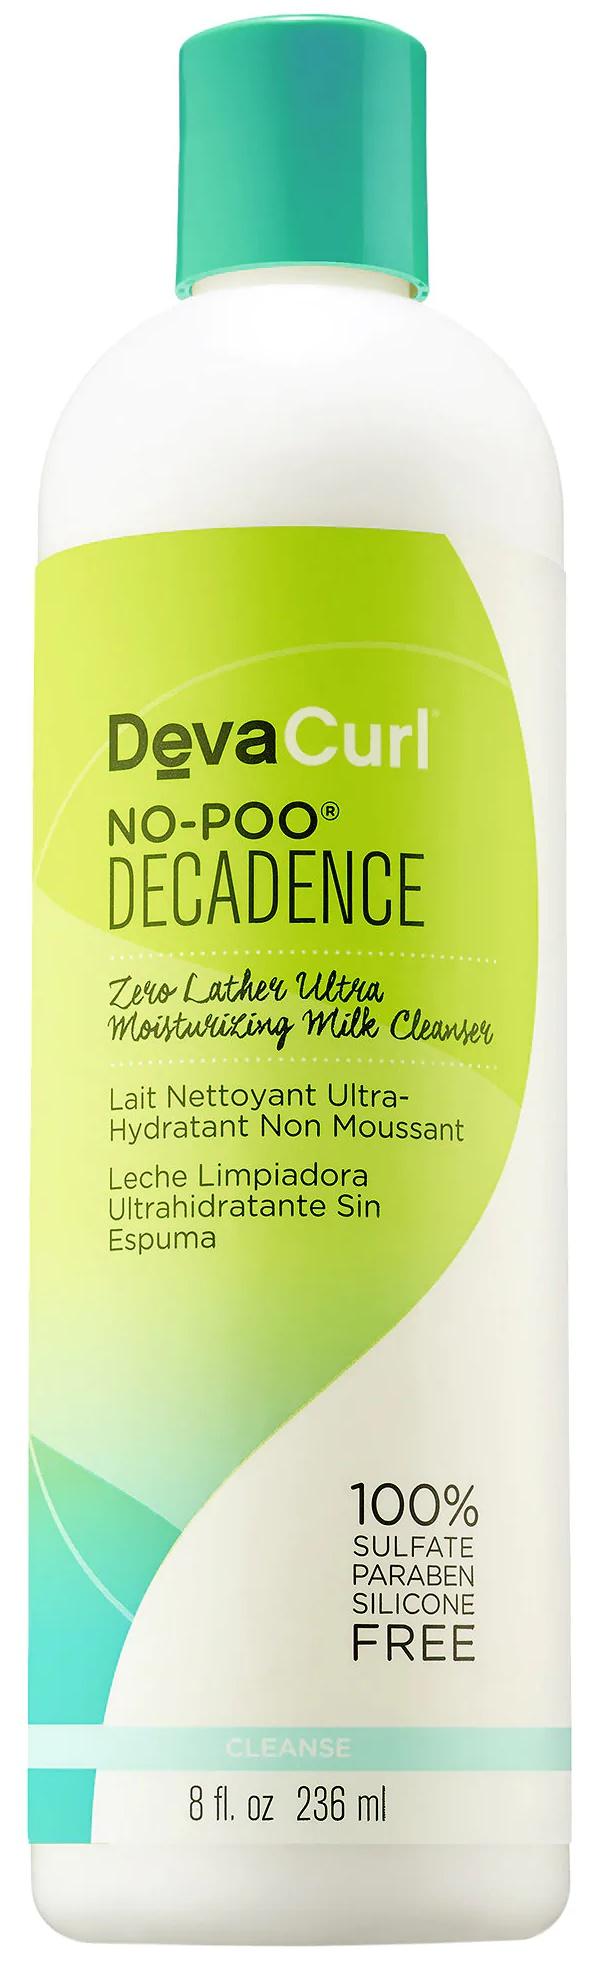 DevaCurl No-Poo® Decadence